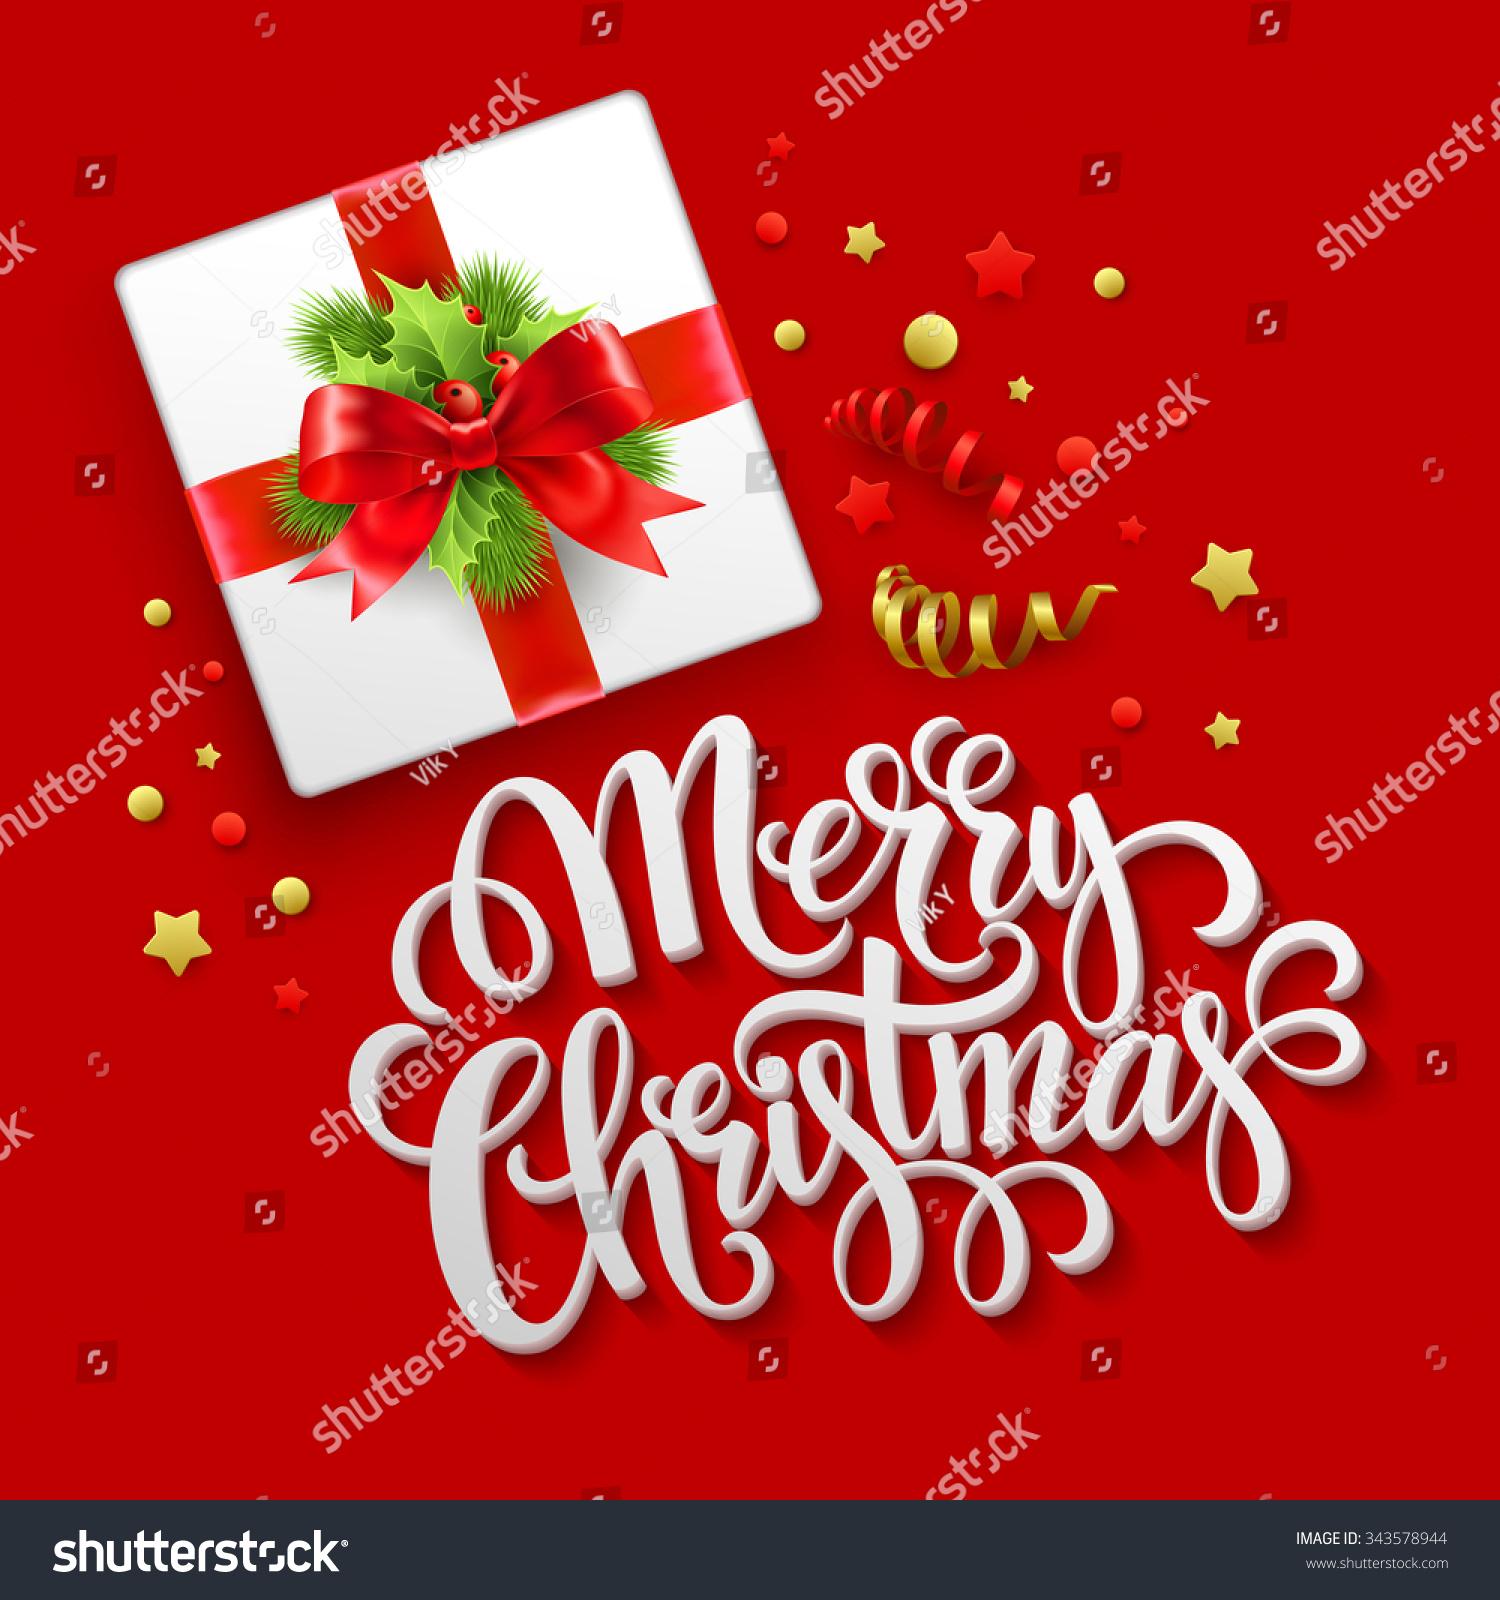 Merry christmas greeting card christmas gift stock illustration merry christmas greeting card christmas gift box illustration negle Choice Image